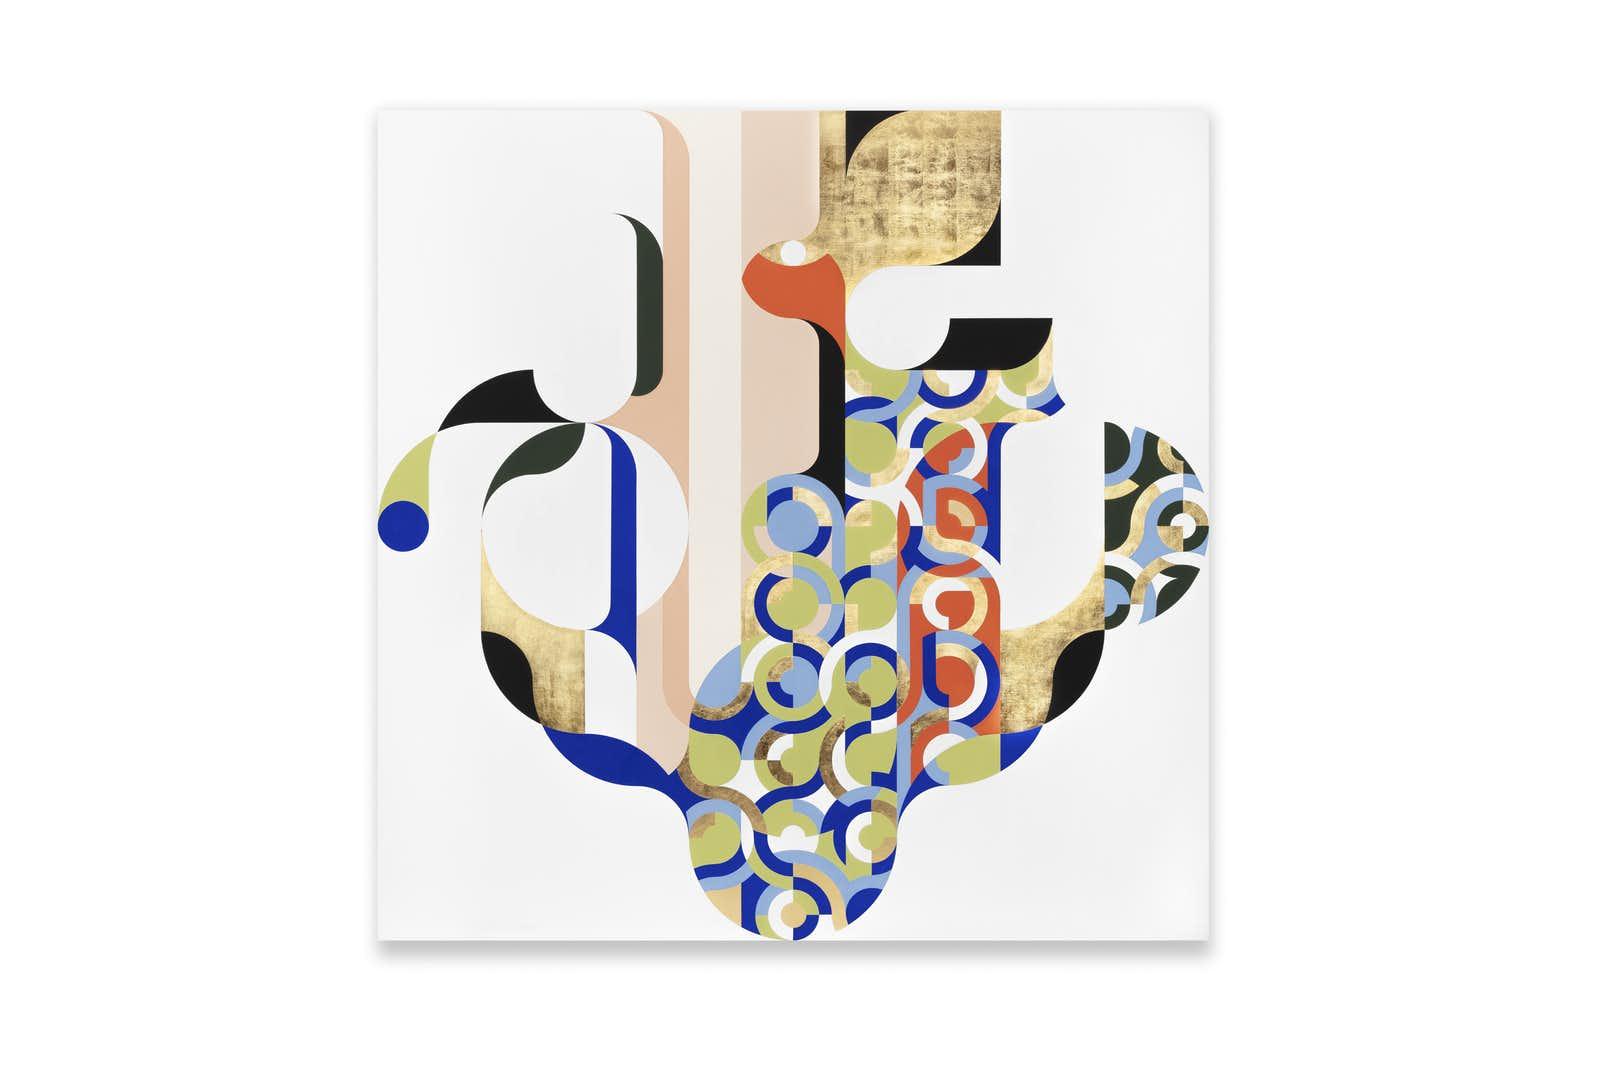 ガブリエル・オロスコ Untitled 2018-19 Courtesy of the artist and Rat Hole Gallery